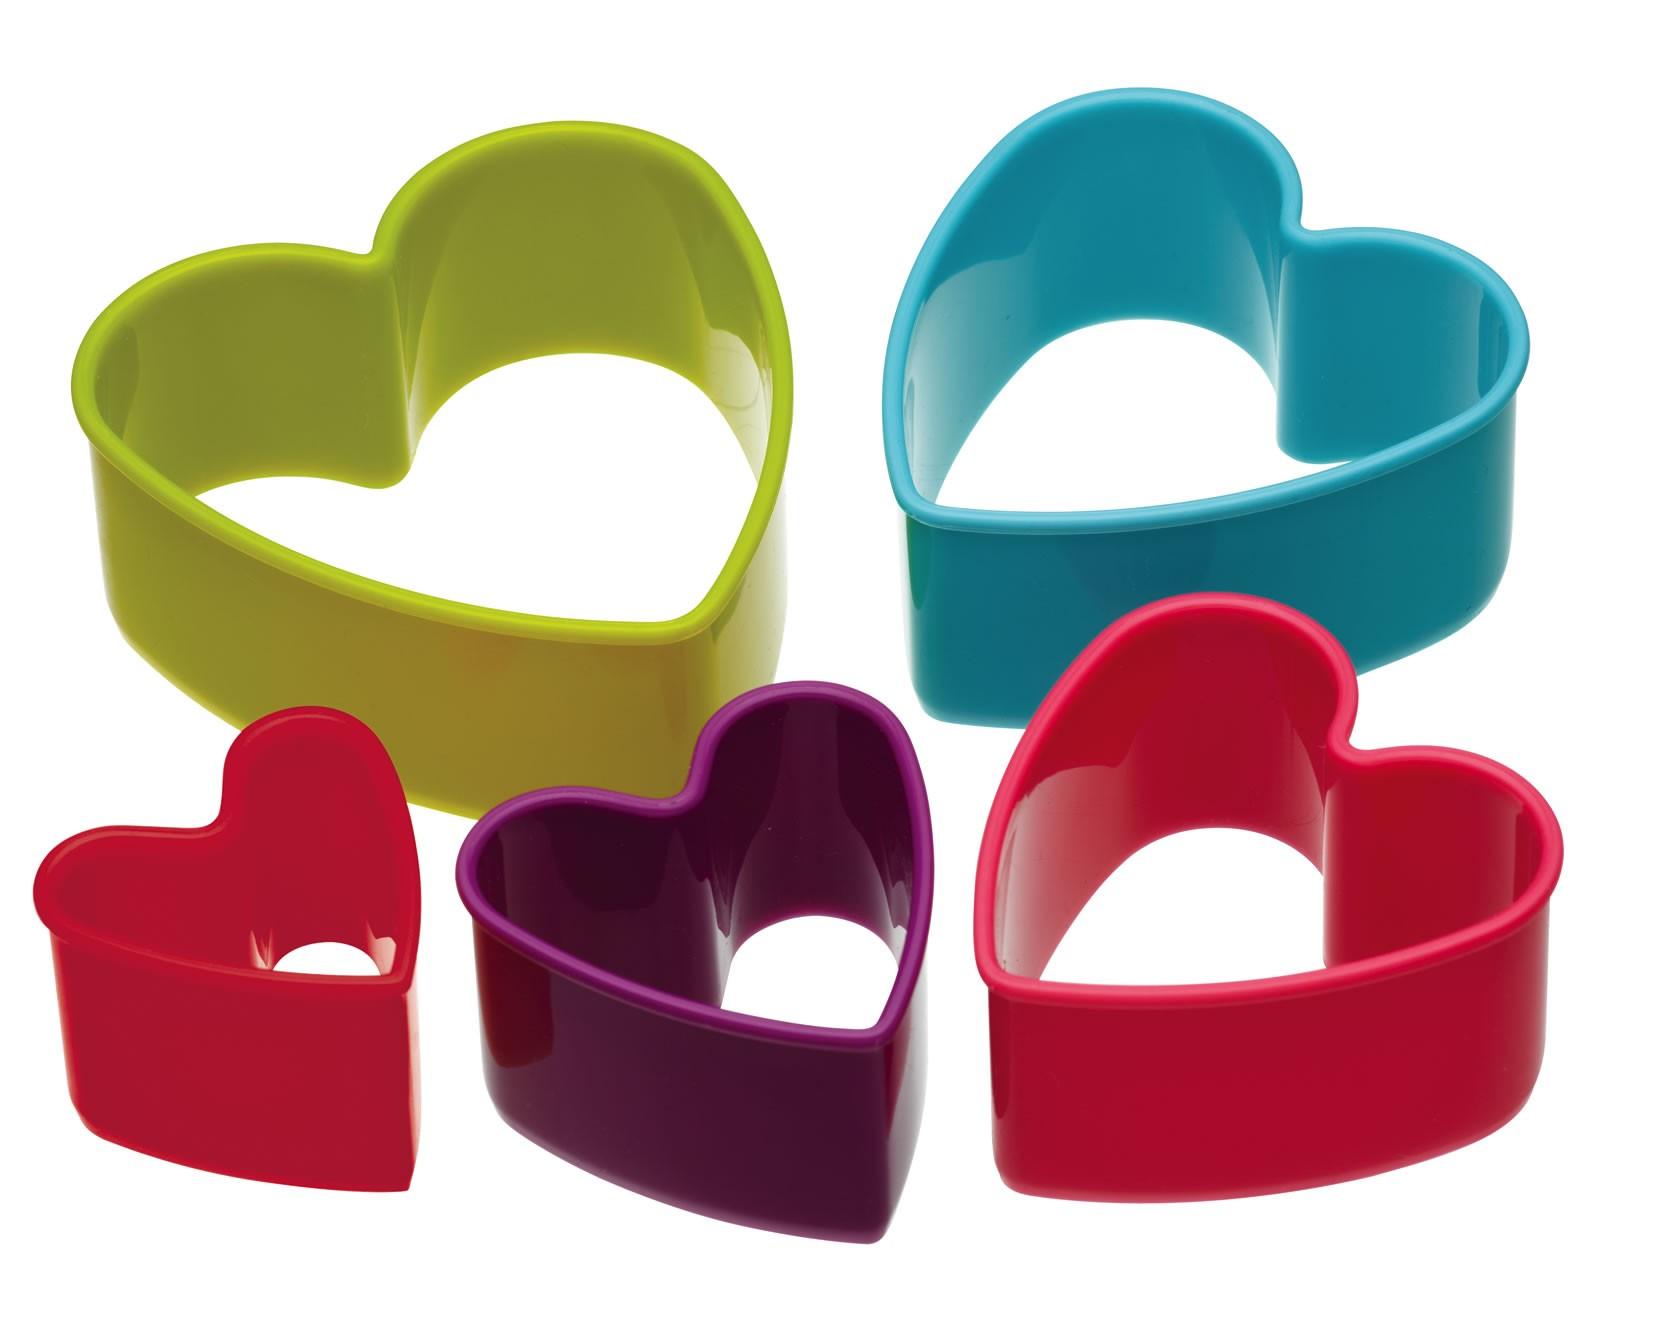 κουπ-πατ σετ 5 τεμάχια καρδιά colourworks by kitchencraft home   ζαχαροπλαστικη   κουπ   πατ